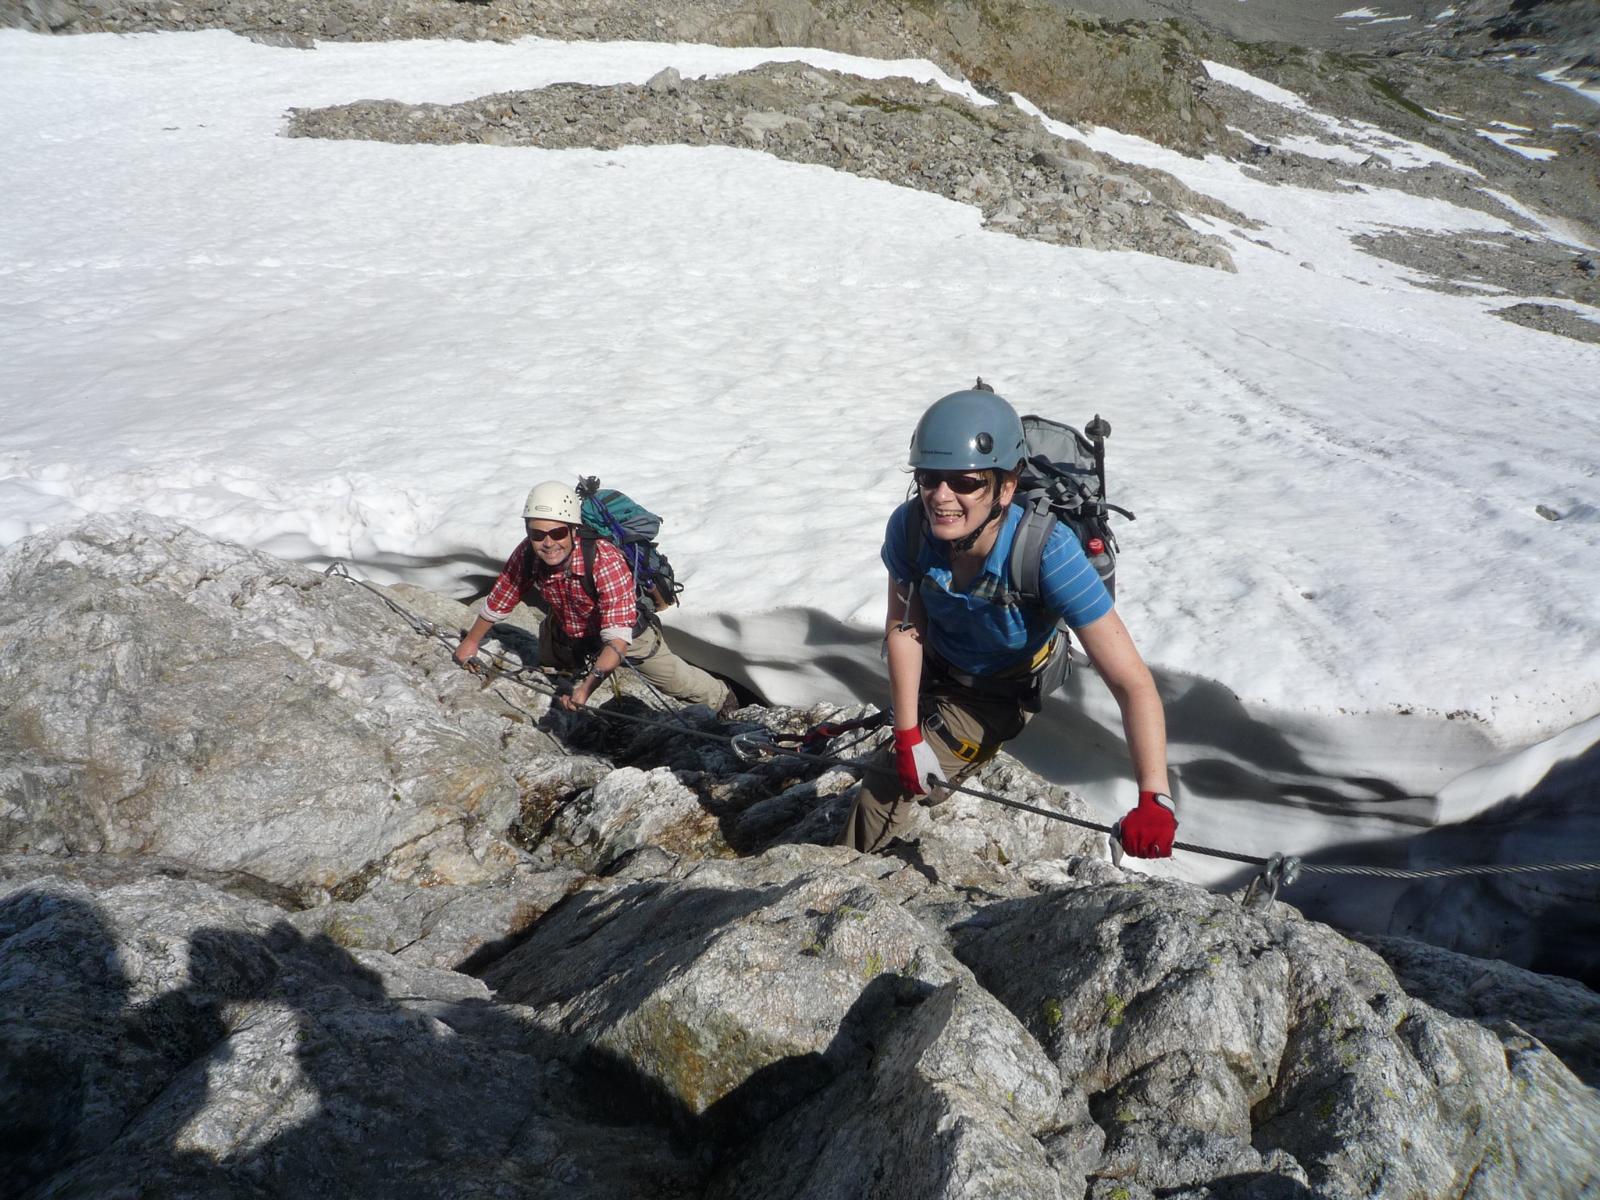 Klettersteig Tierbergli : Klettersteig tierbergli bergsteigen.com